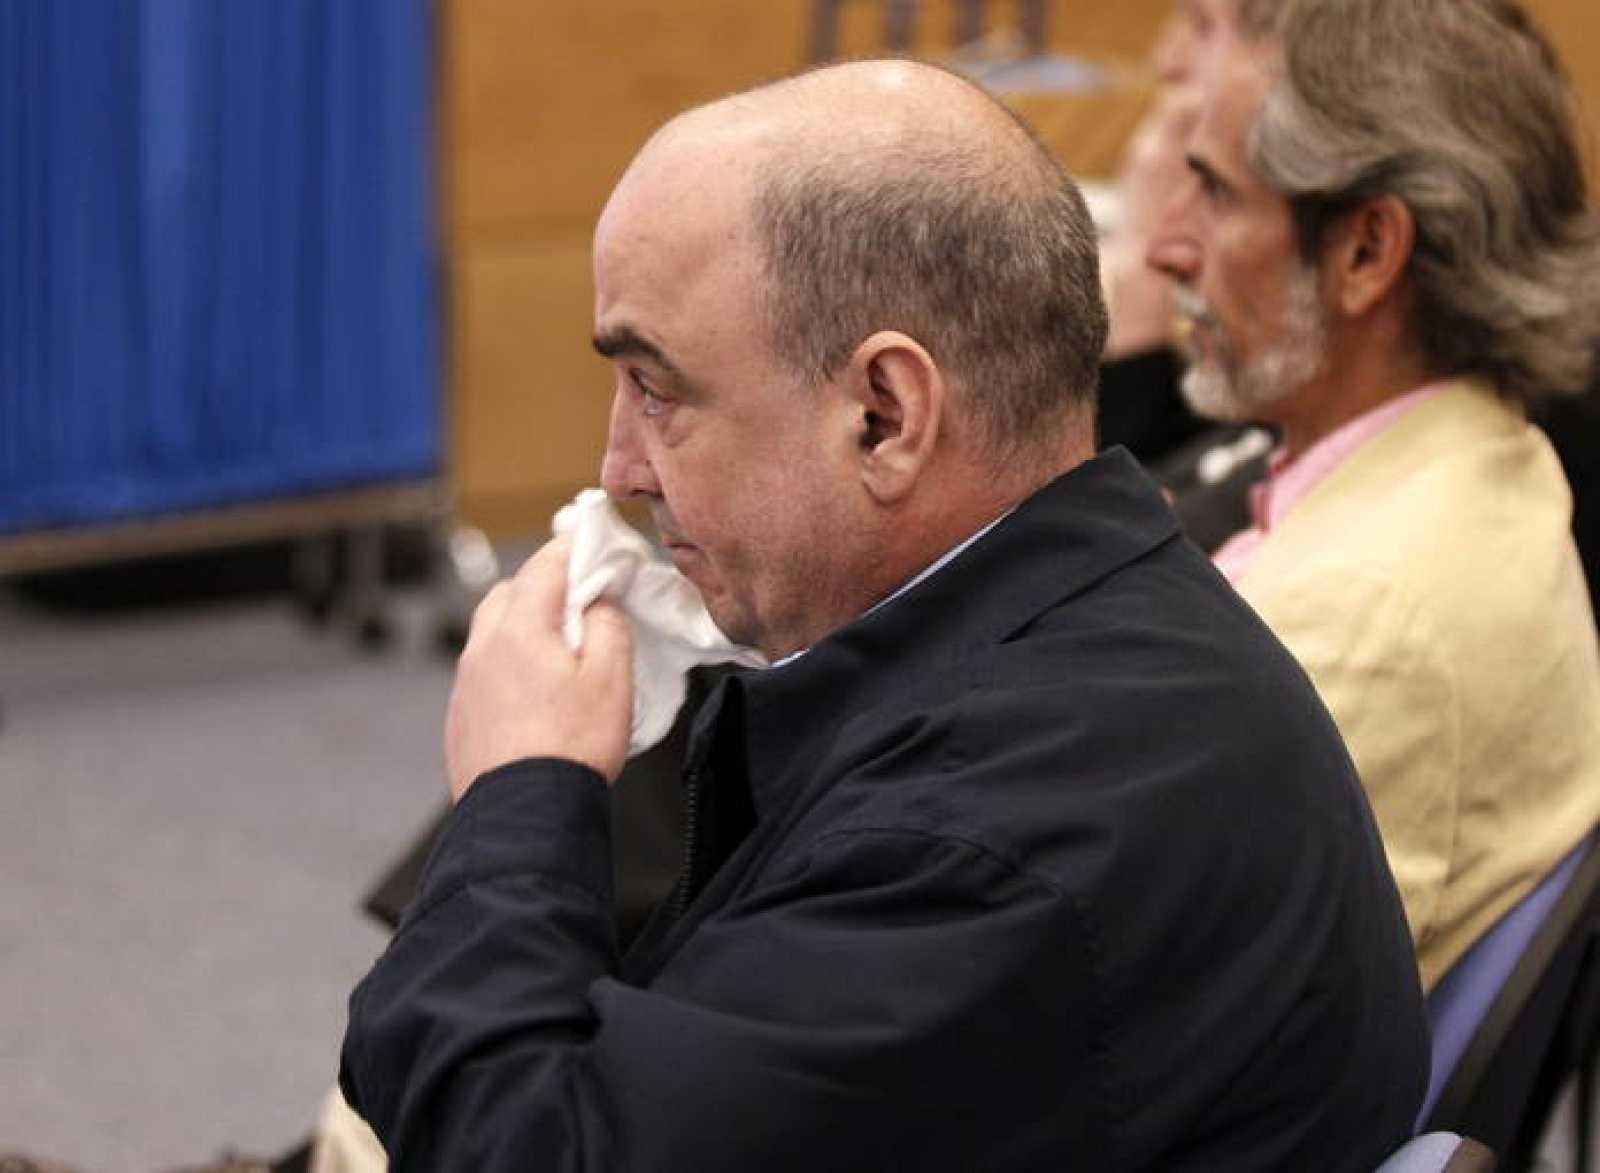 Rafael Chacón fabricante del Bio-Bac, durante el juicio que ha comenzado este lunes.